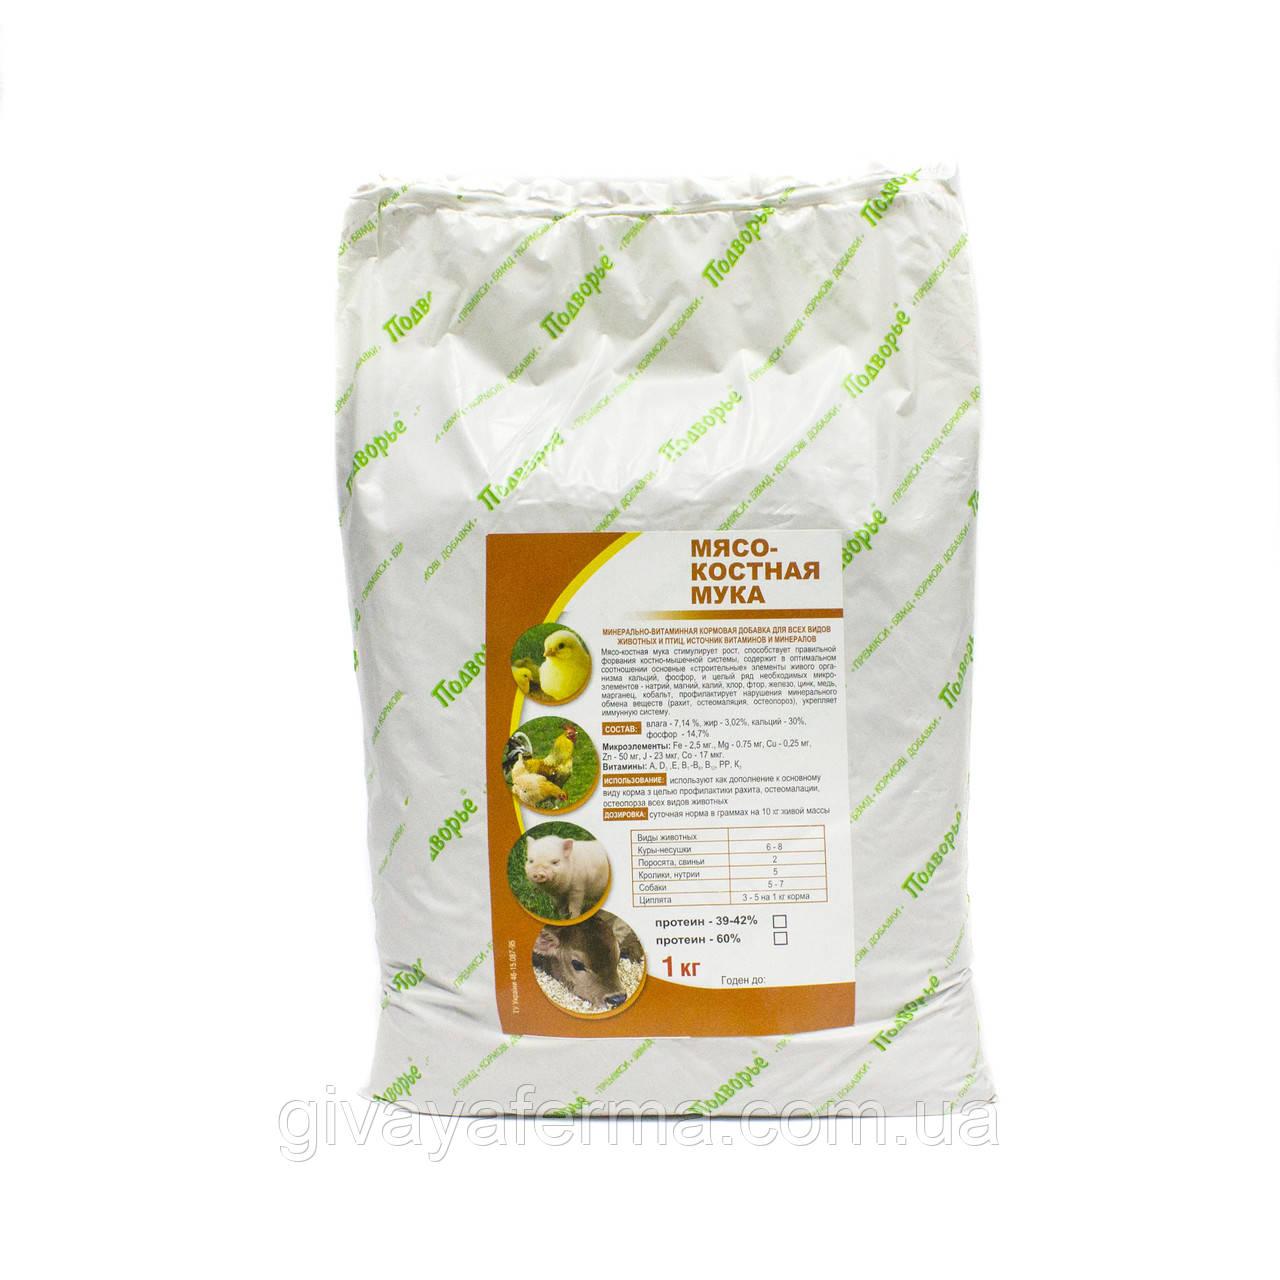 Мука мясокостная 1 кг, протеин 38-40%, кормовая добавка для животных и птицы